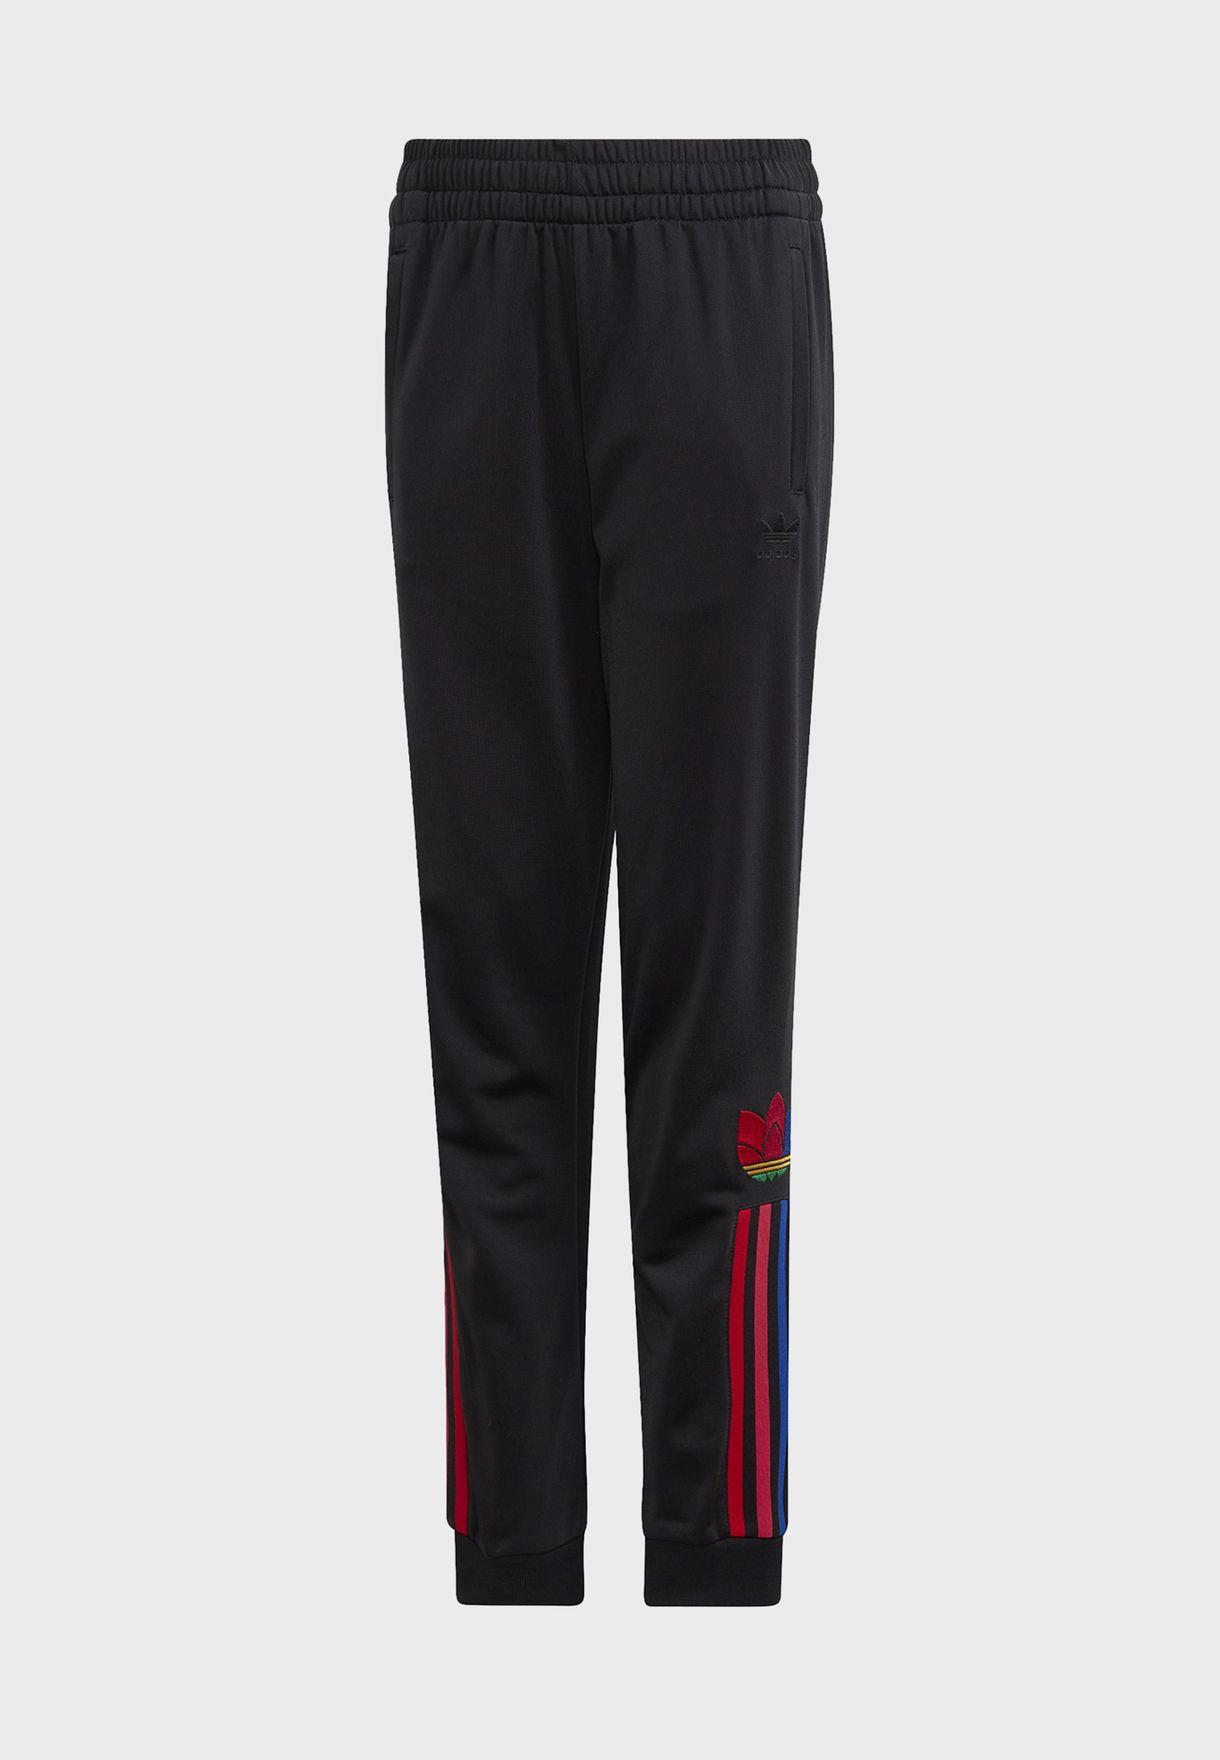 3D Adicolor Casual Unisex Tracksuit Pants